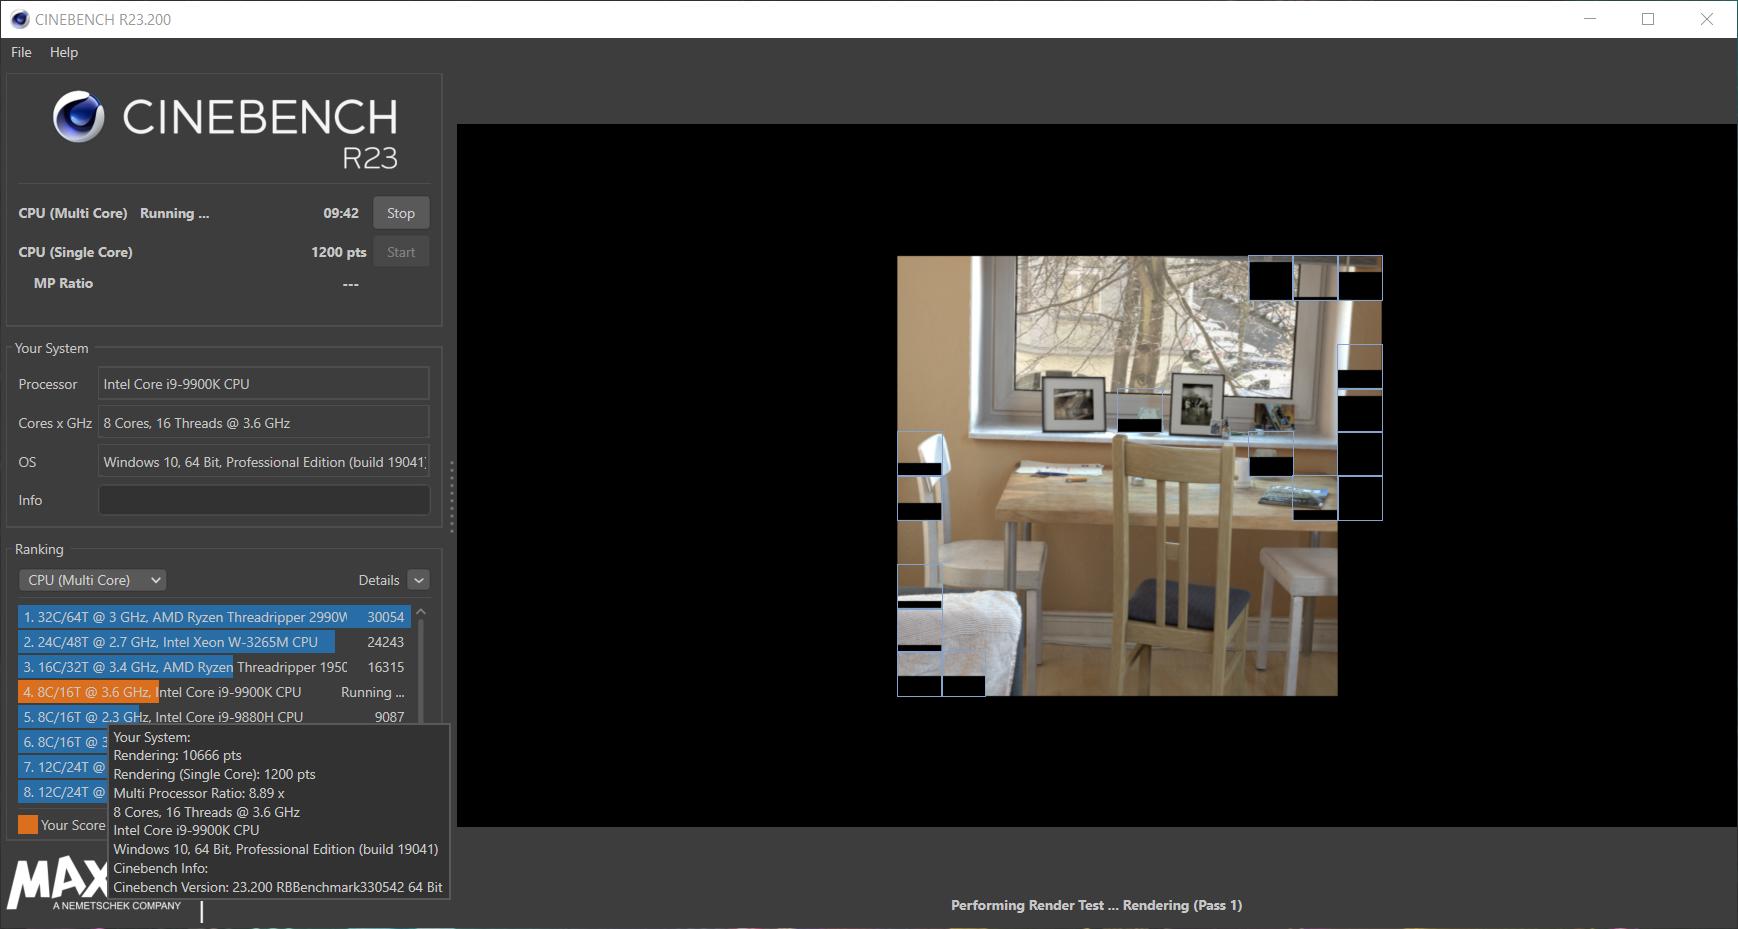 Тест производительности Cinebench R23, поддерживающий все современные ЦП, доступен для загрузки